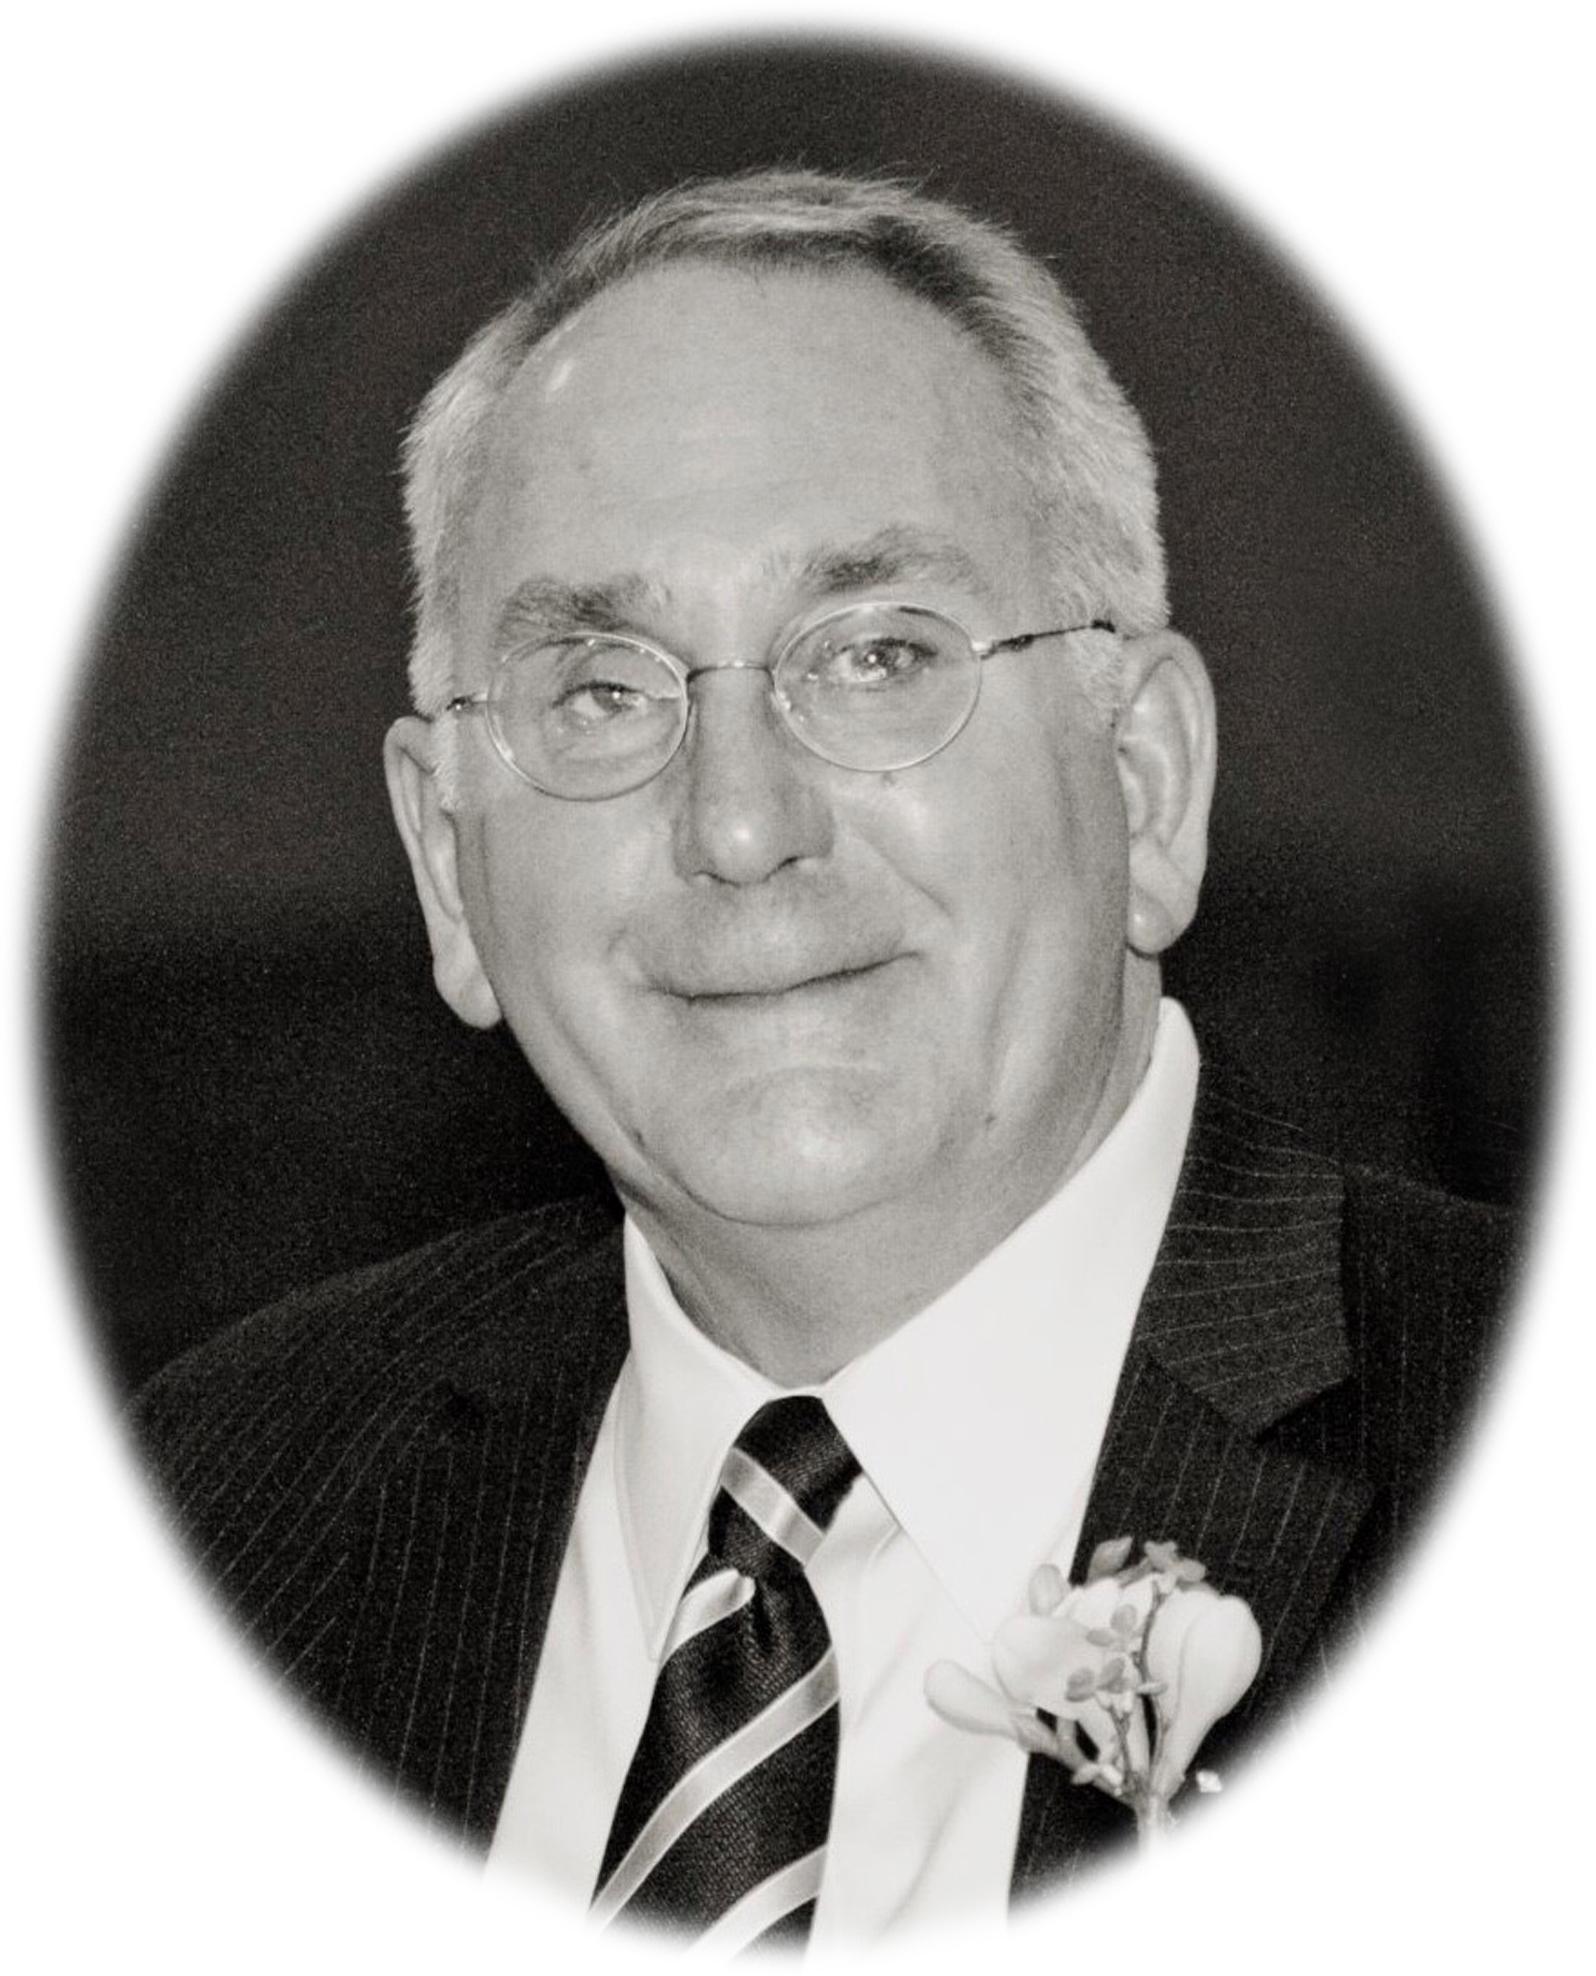 Jack L. Jorgensen